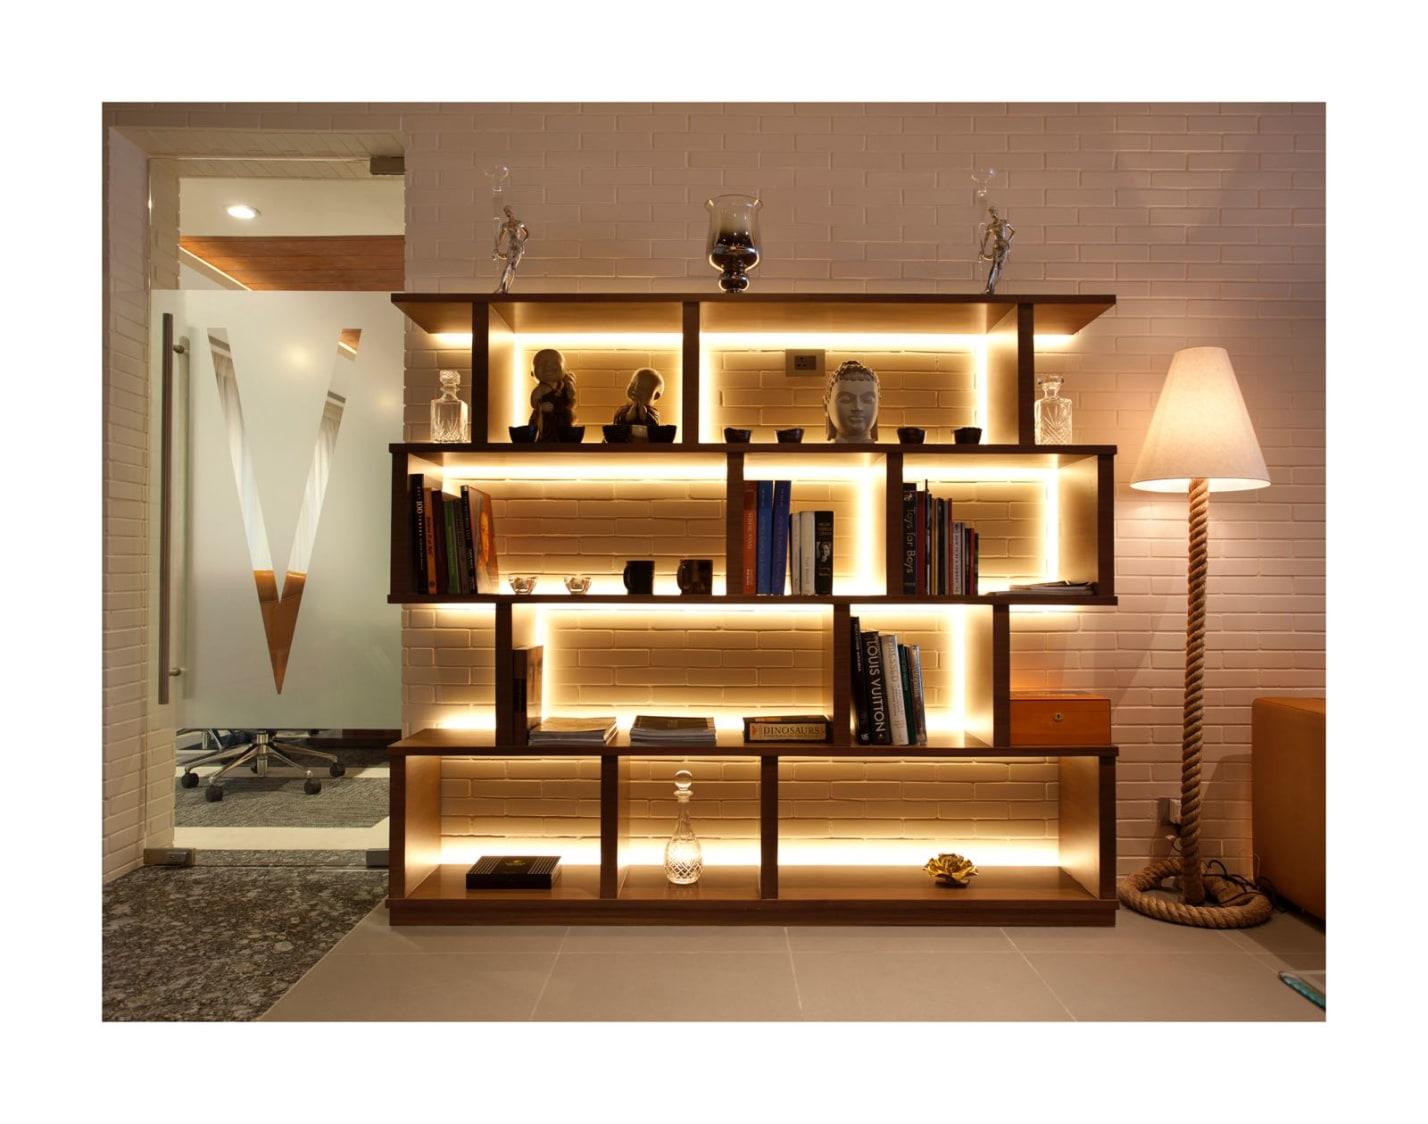 Contemporary Show Piece by Sushant Madan Contemporary | Interior Design Photos & Ideas